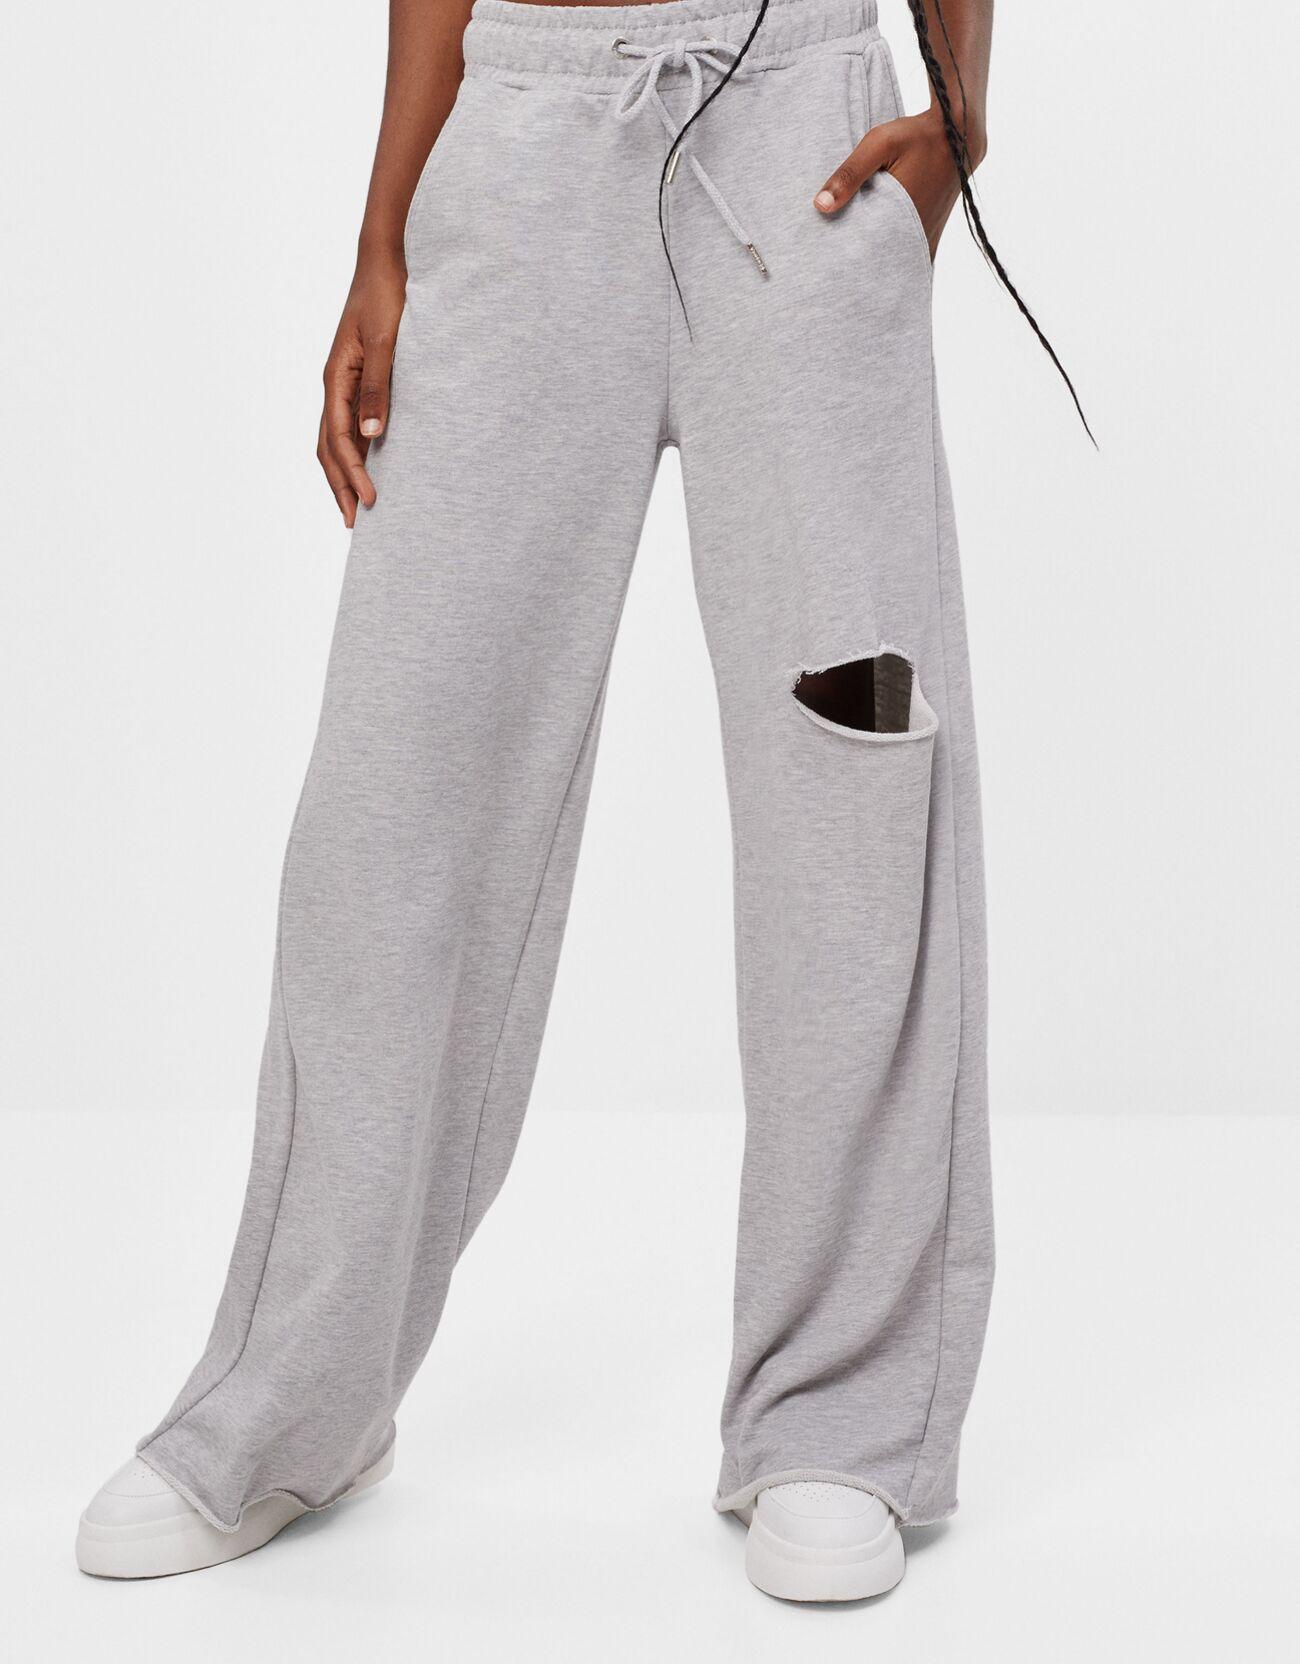 Pantalón de chándal ancho con roto en la rodilla